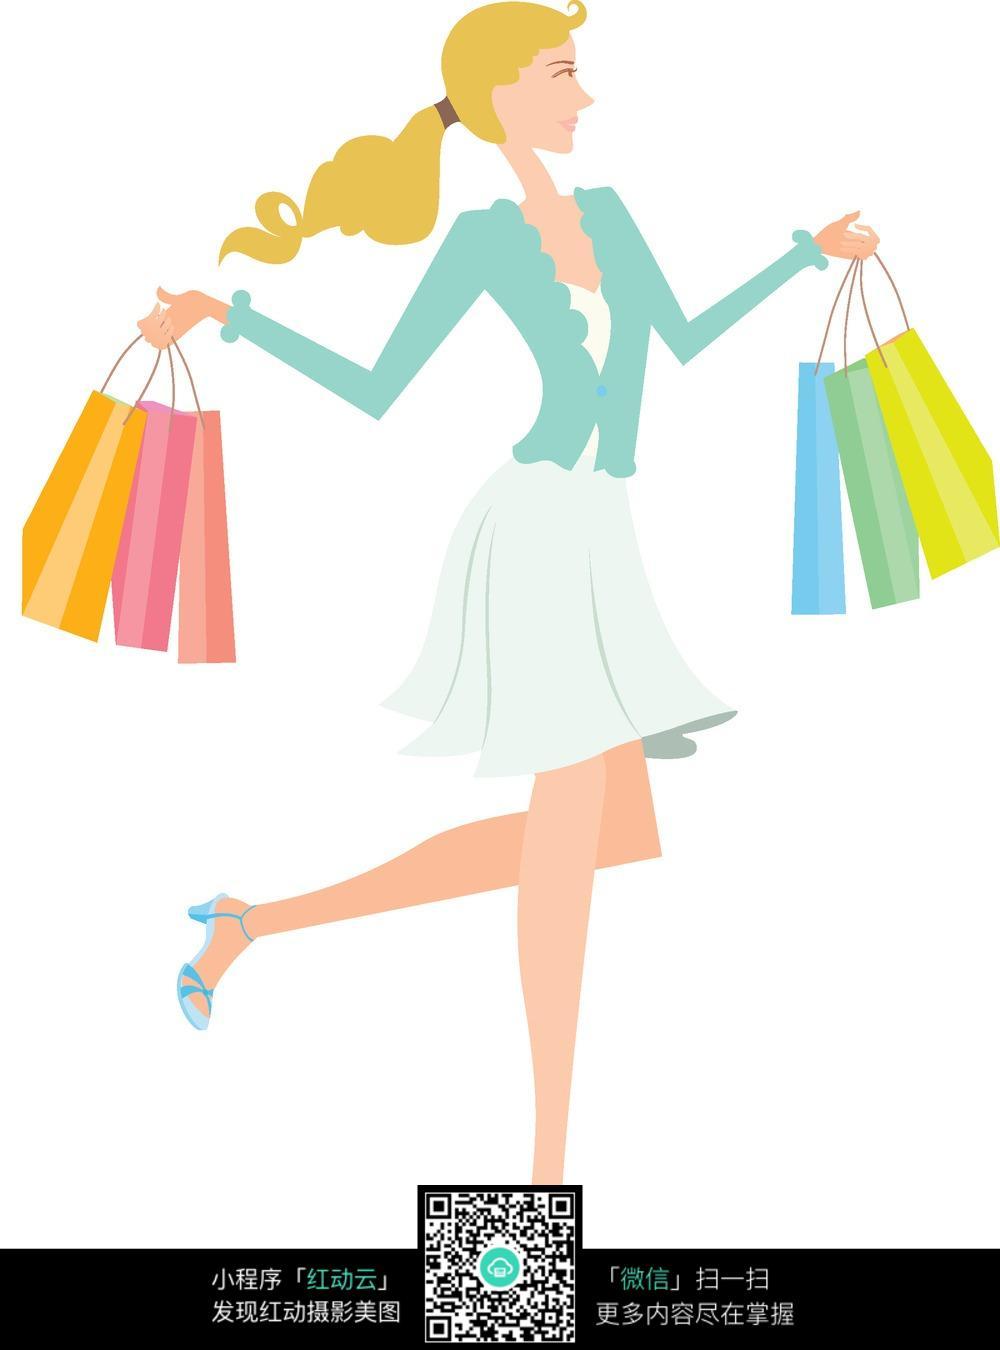 提满购物袋的女人图